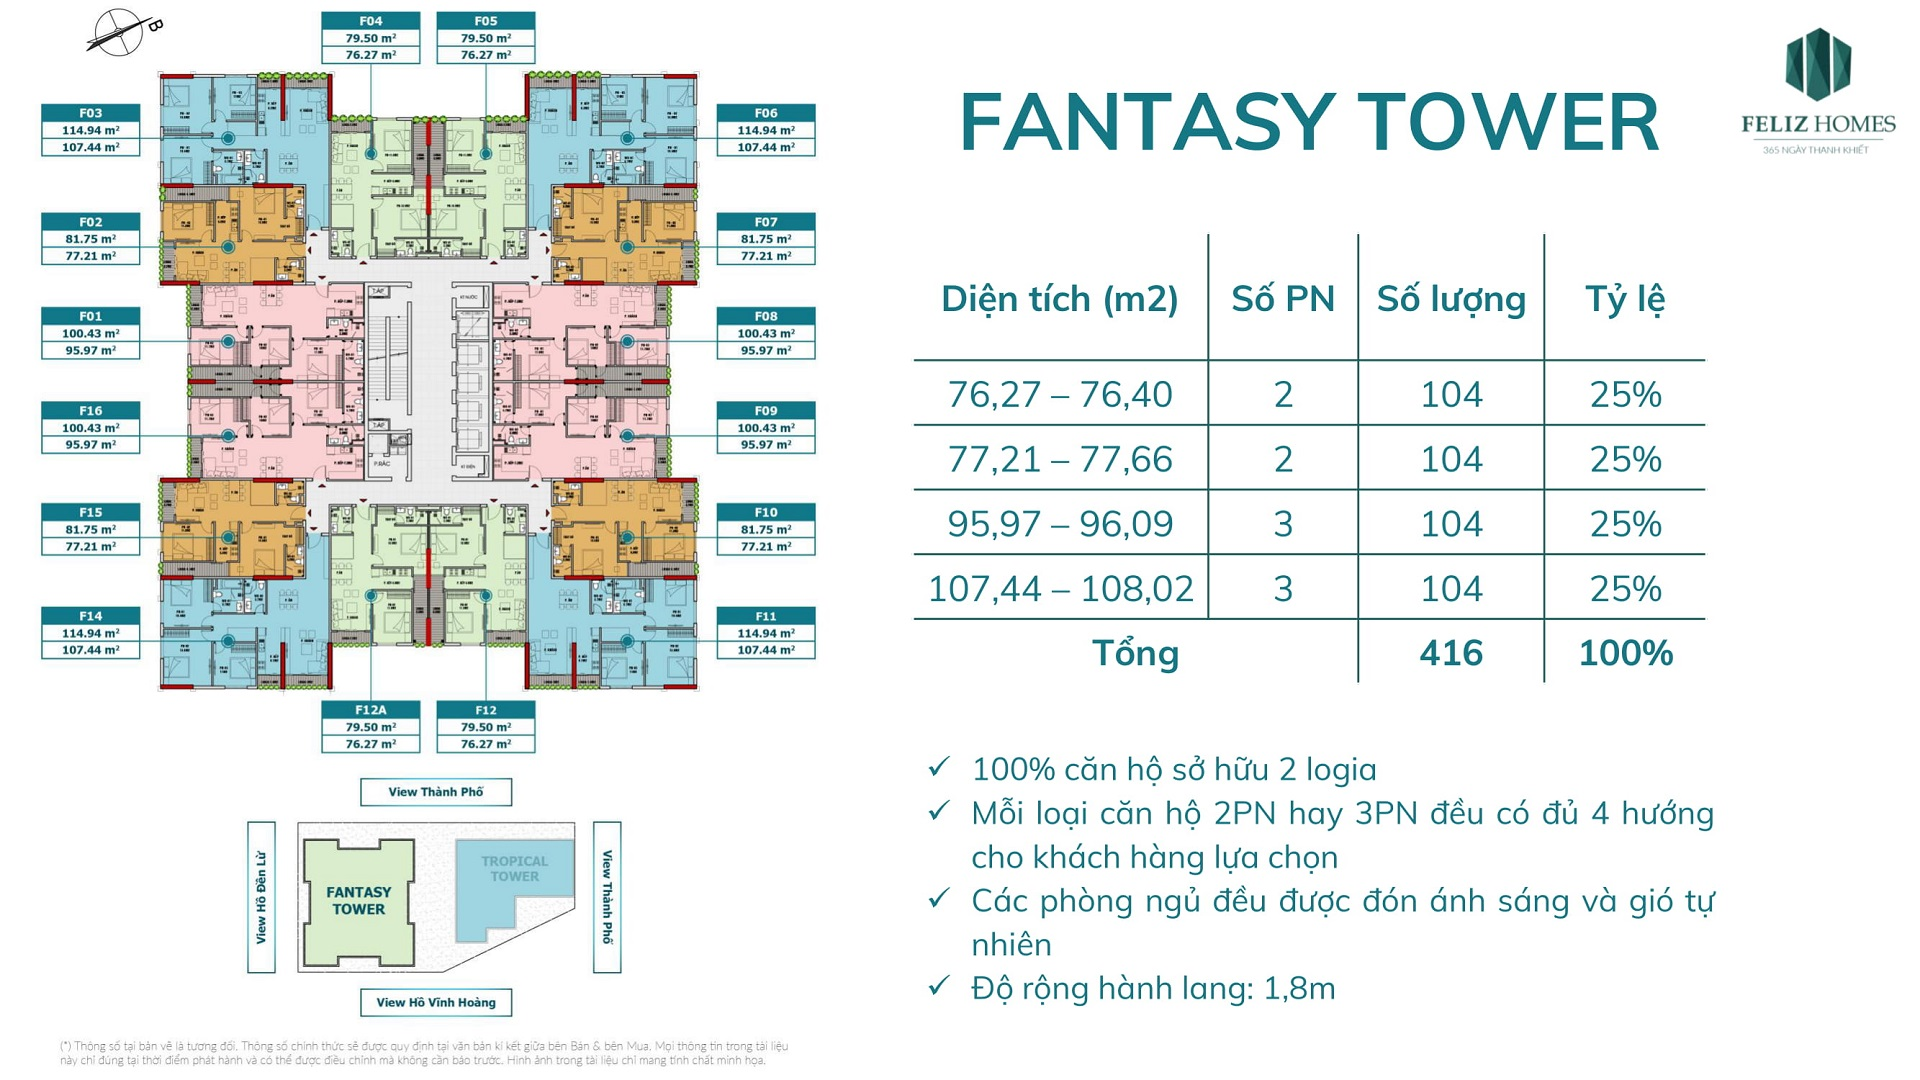 Thiết kế chi tiết căn hộ tòa Fantasy Chung cư Feliz Homes Hoàng Mai Hà Nội